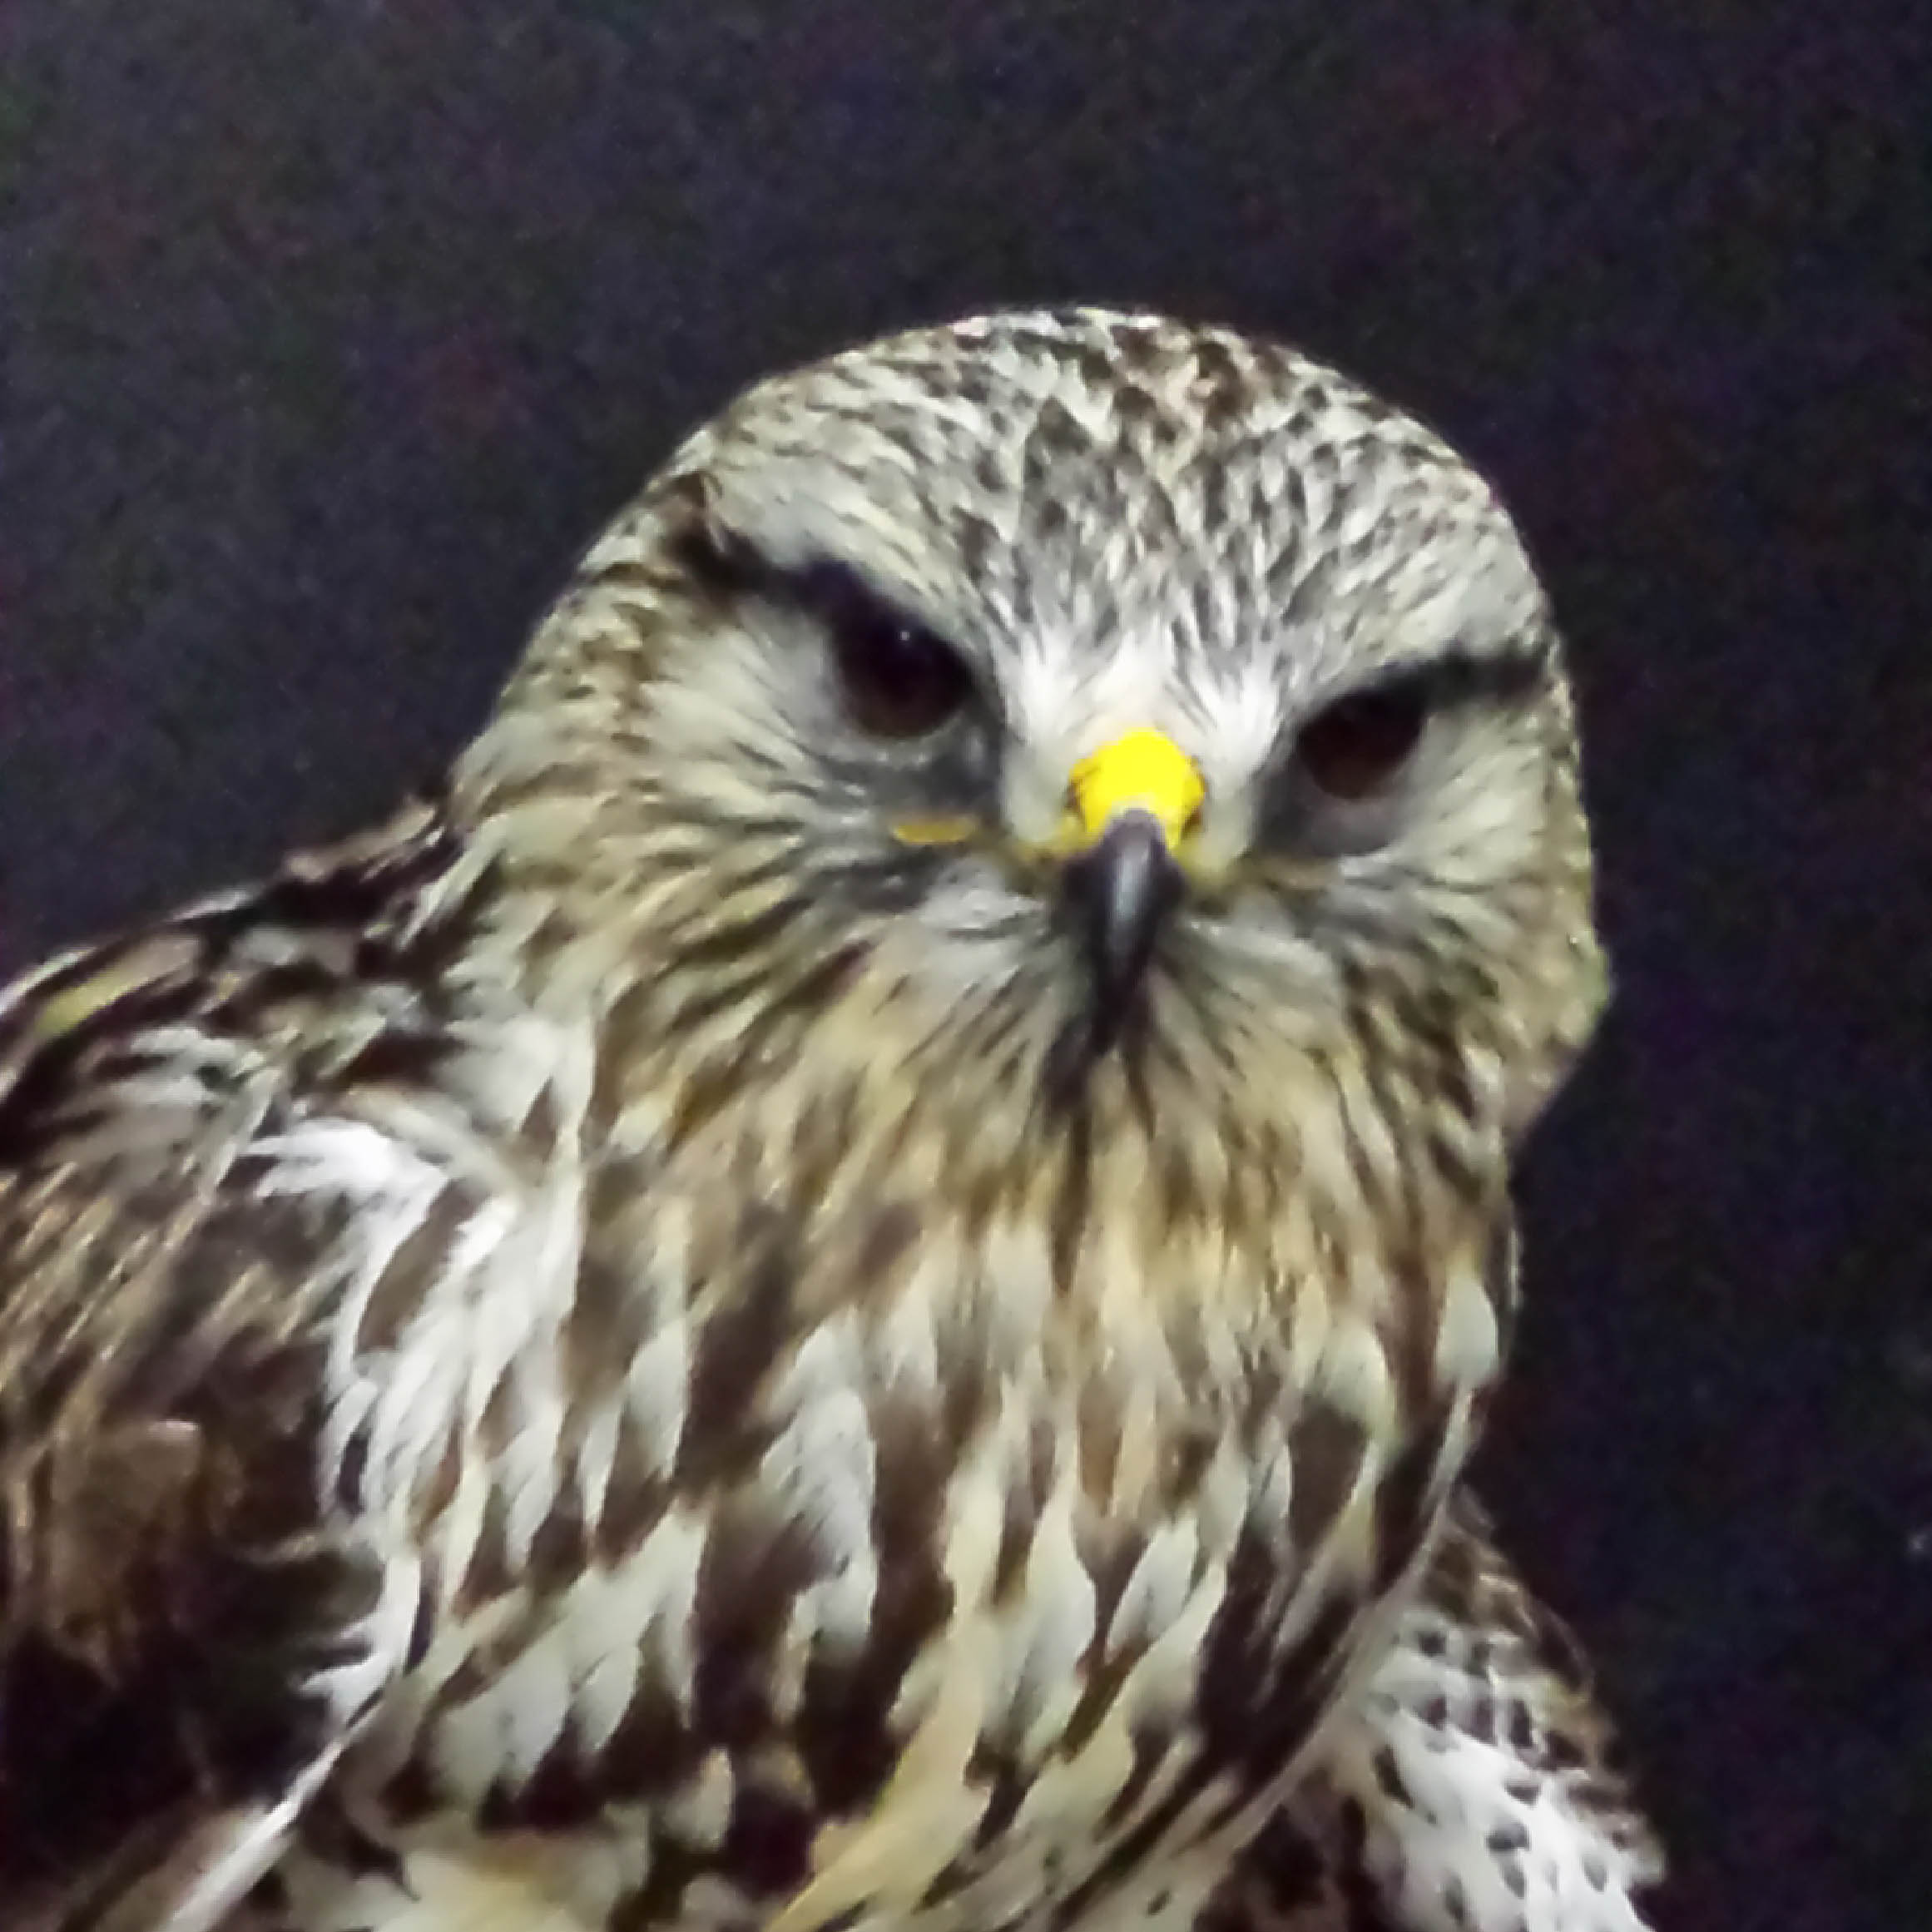 Rufio - Rough Legged Hawk (Buteo lagopus)